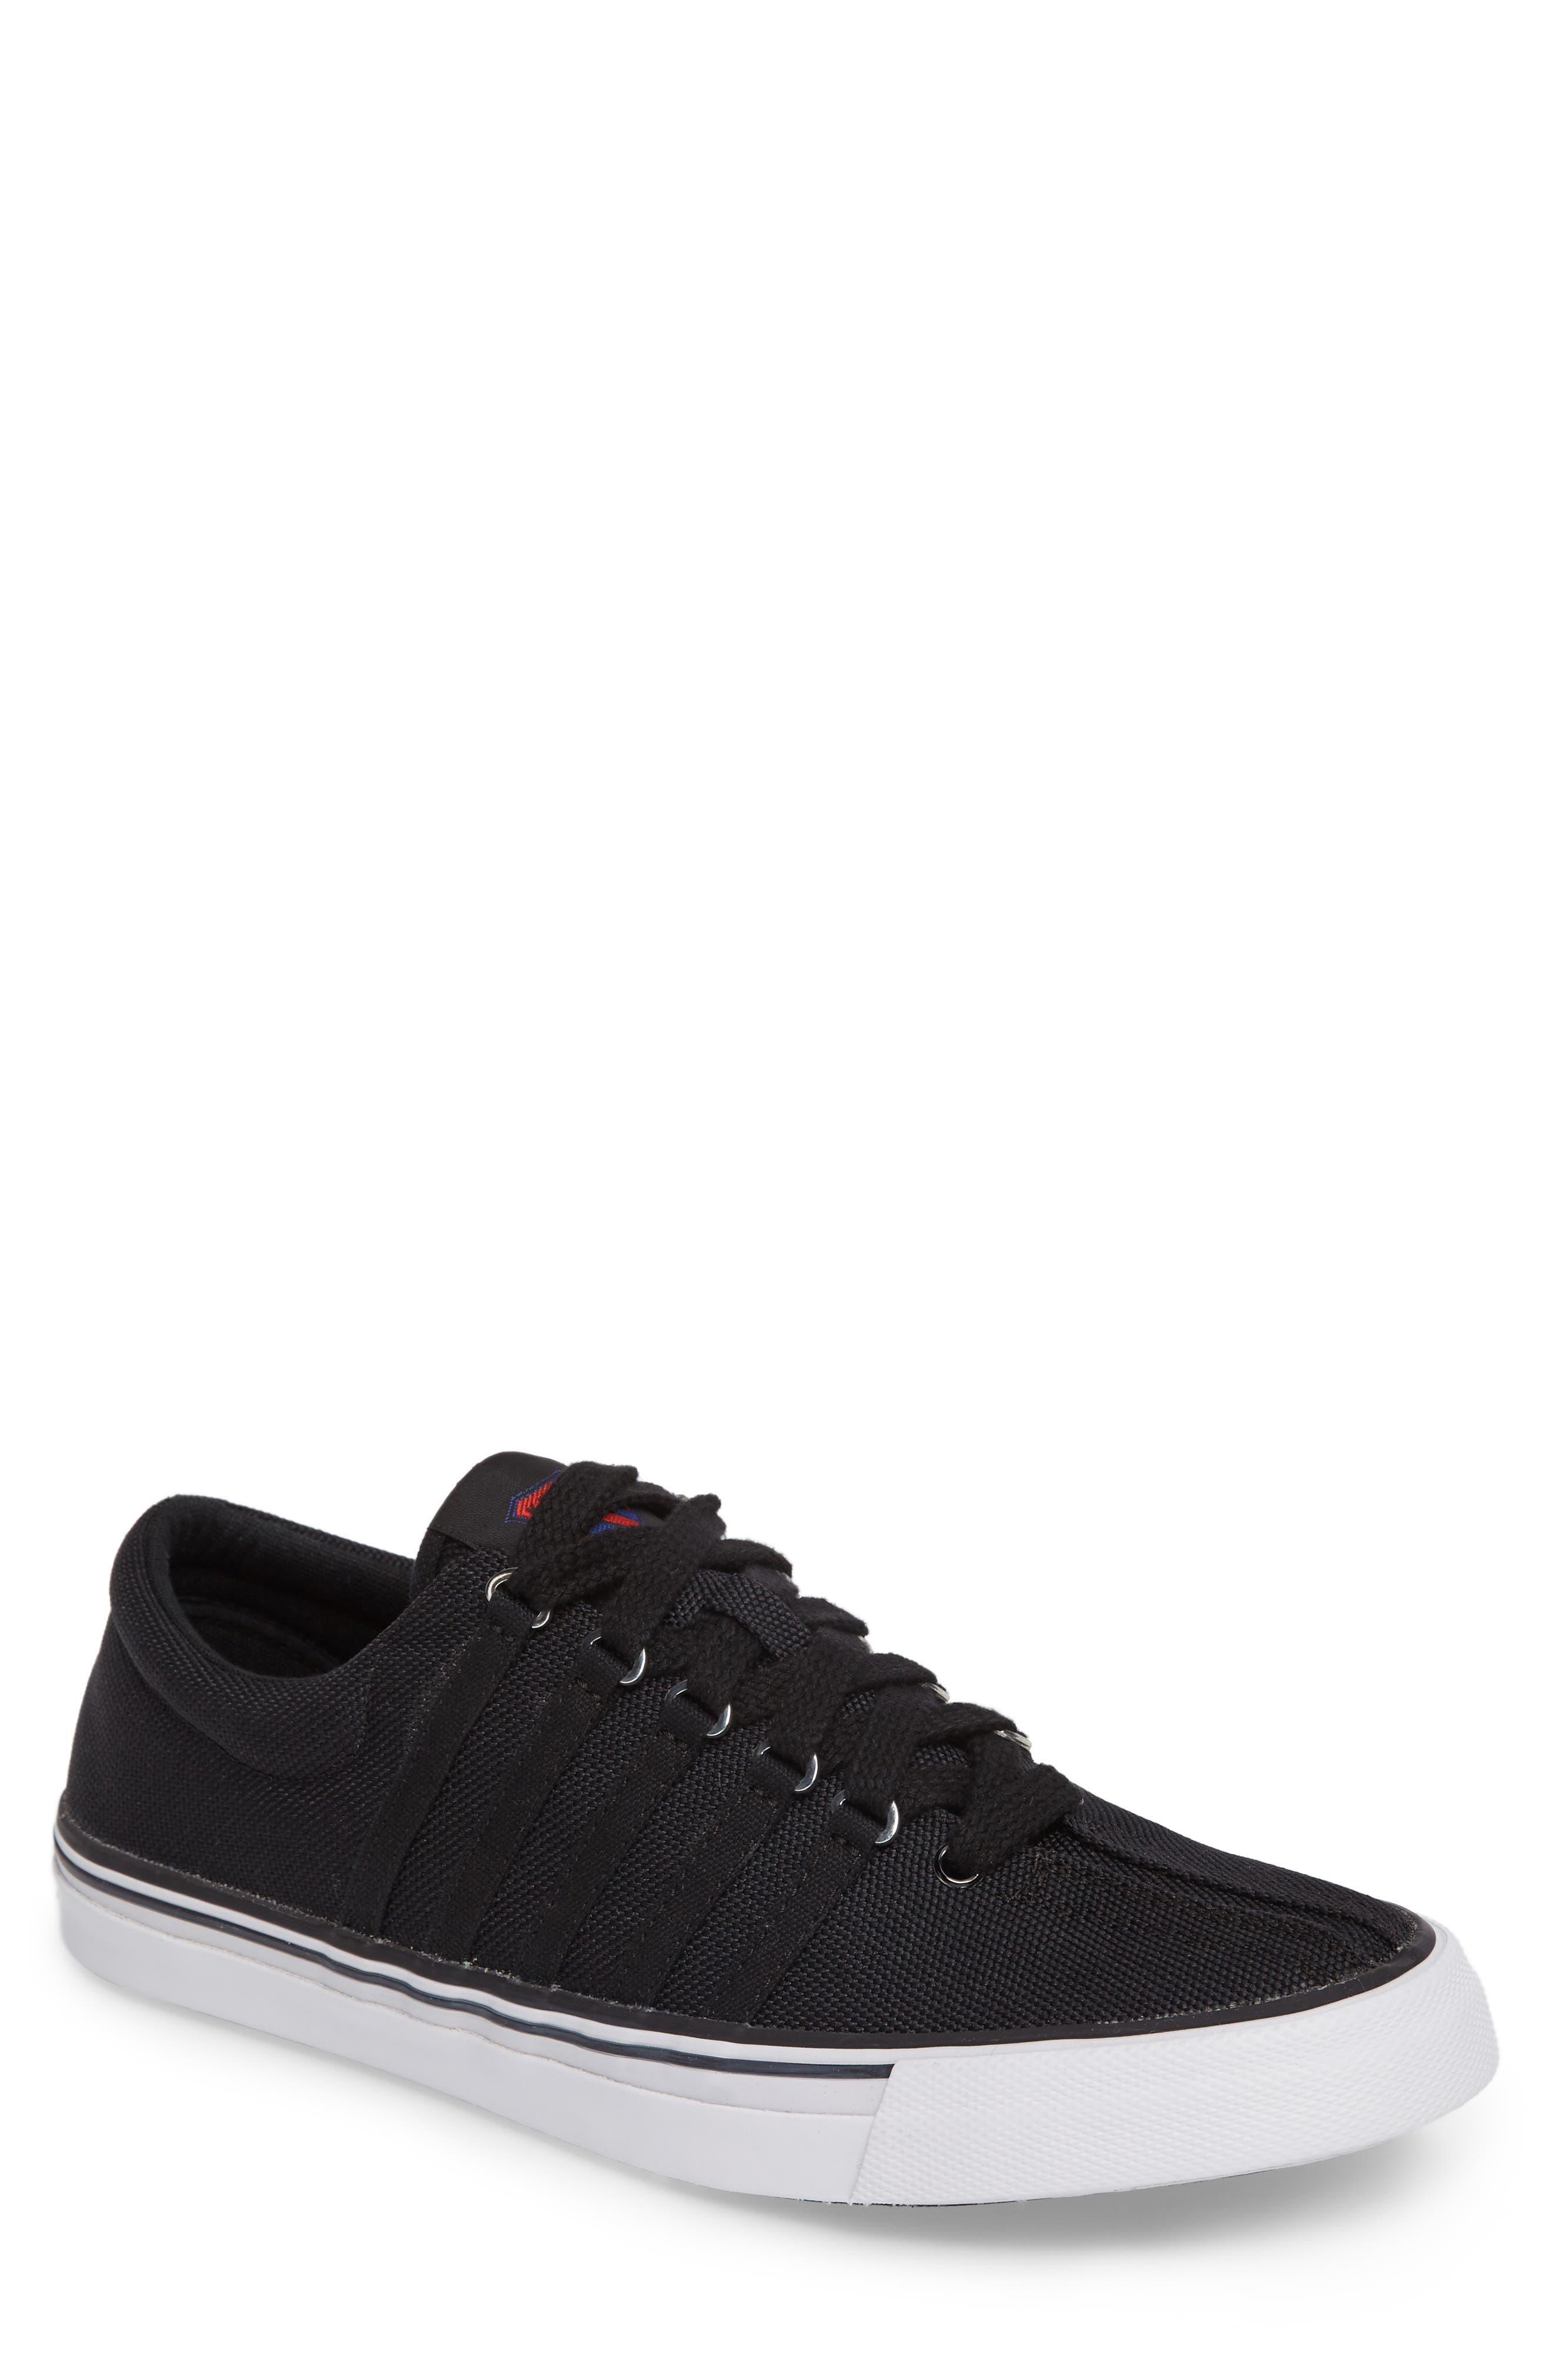 Surf N Turf OG Sneaker,                         Main,                         color, Black/ White